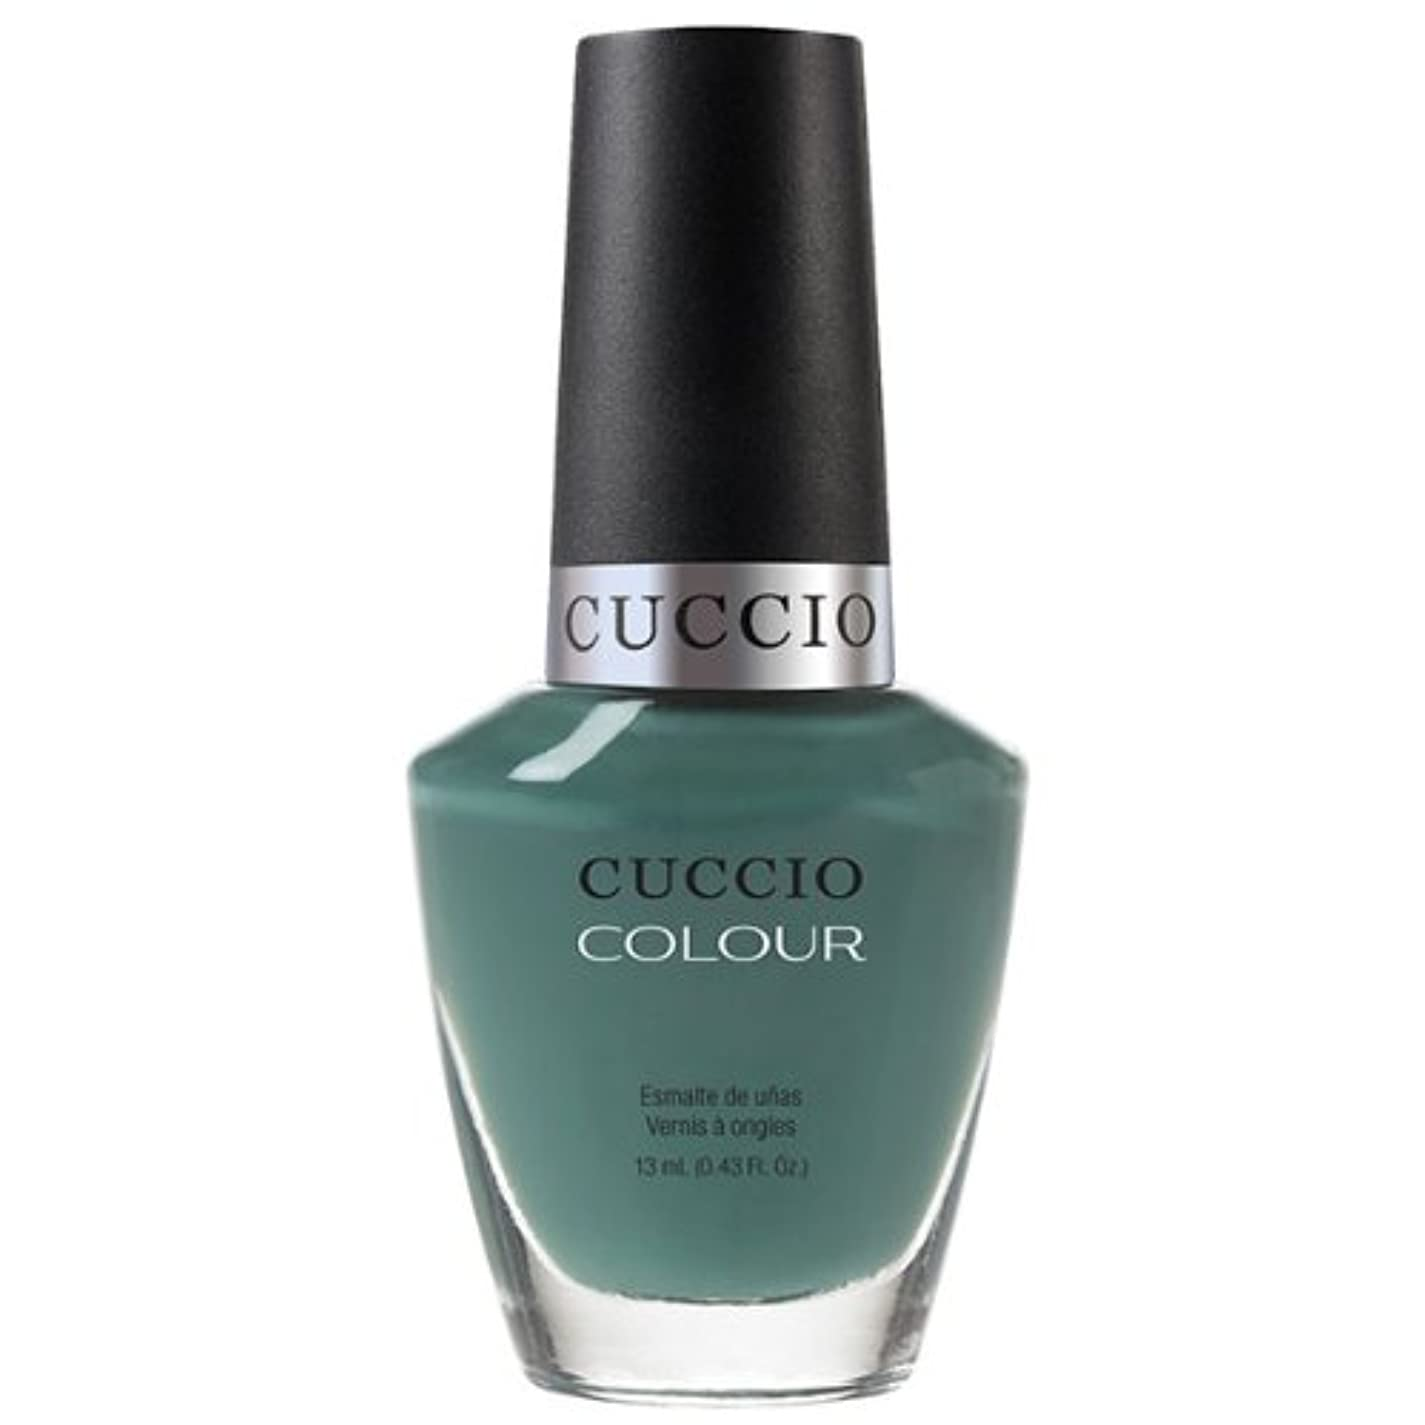 混乱させる欠伸ライオネルグリーンストリートCuccio Colour Gloss Lacquer - Dubai Me an Island - 0.43oz / 13ml